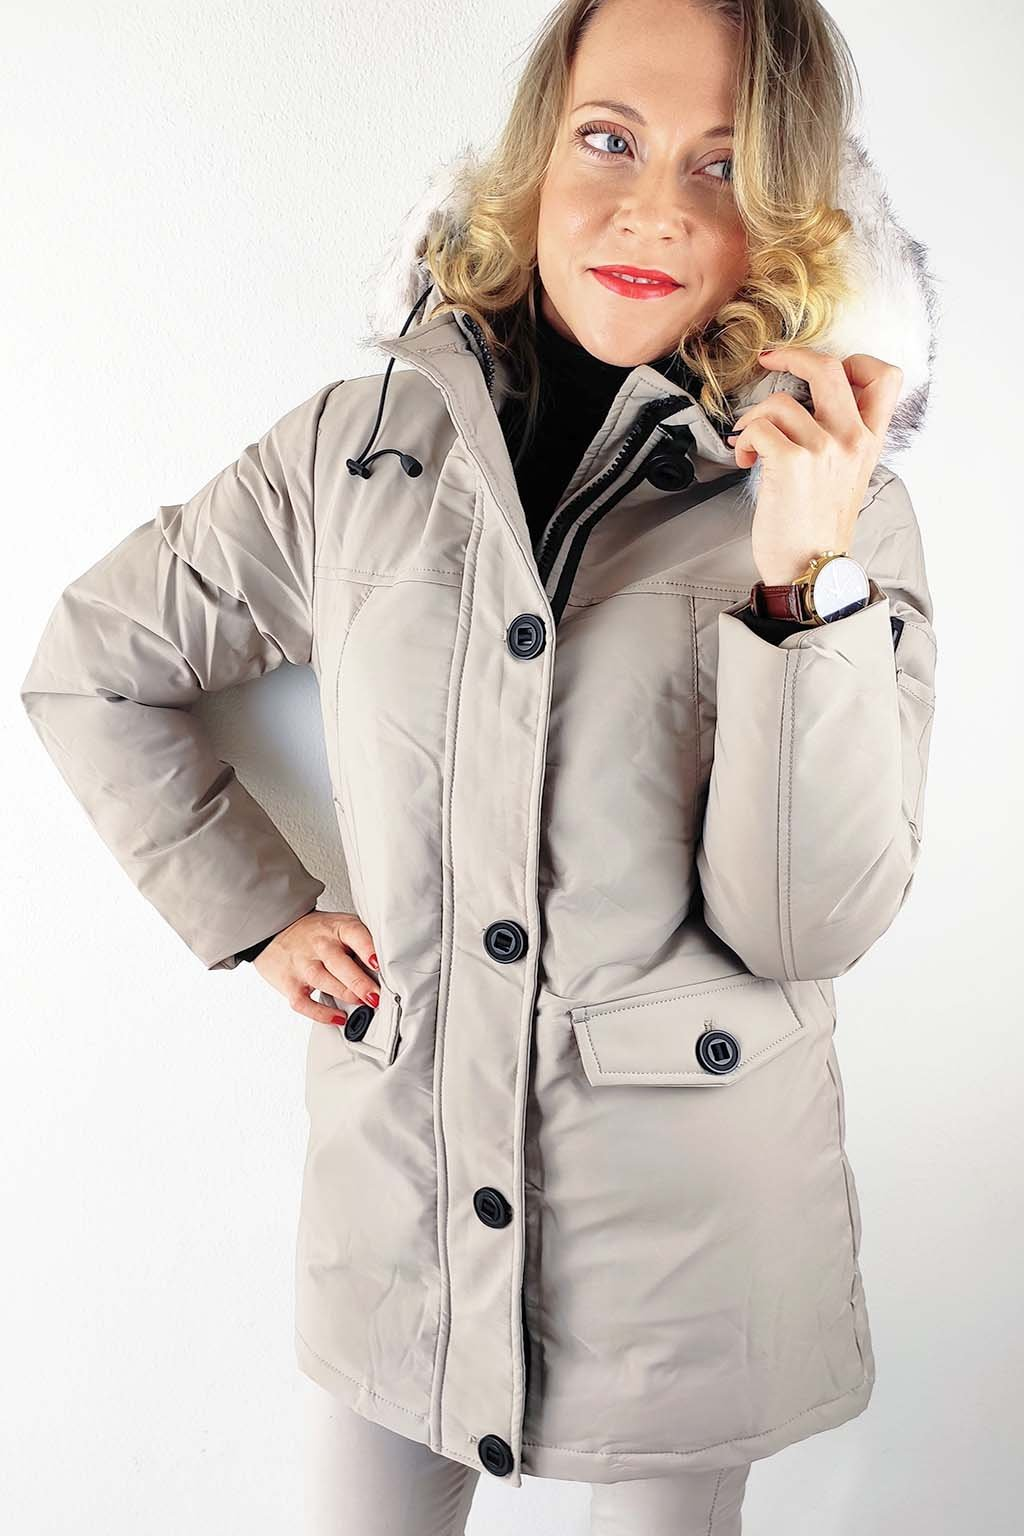 Béžová dámská zimní bunda s kapucí (2)